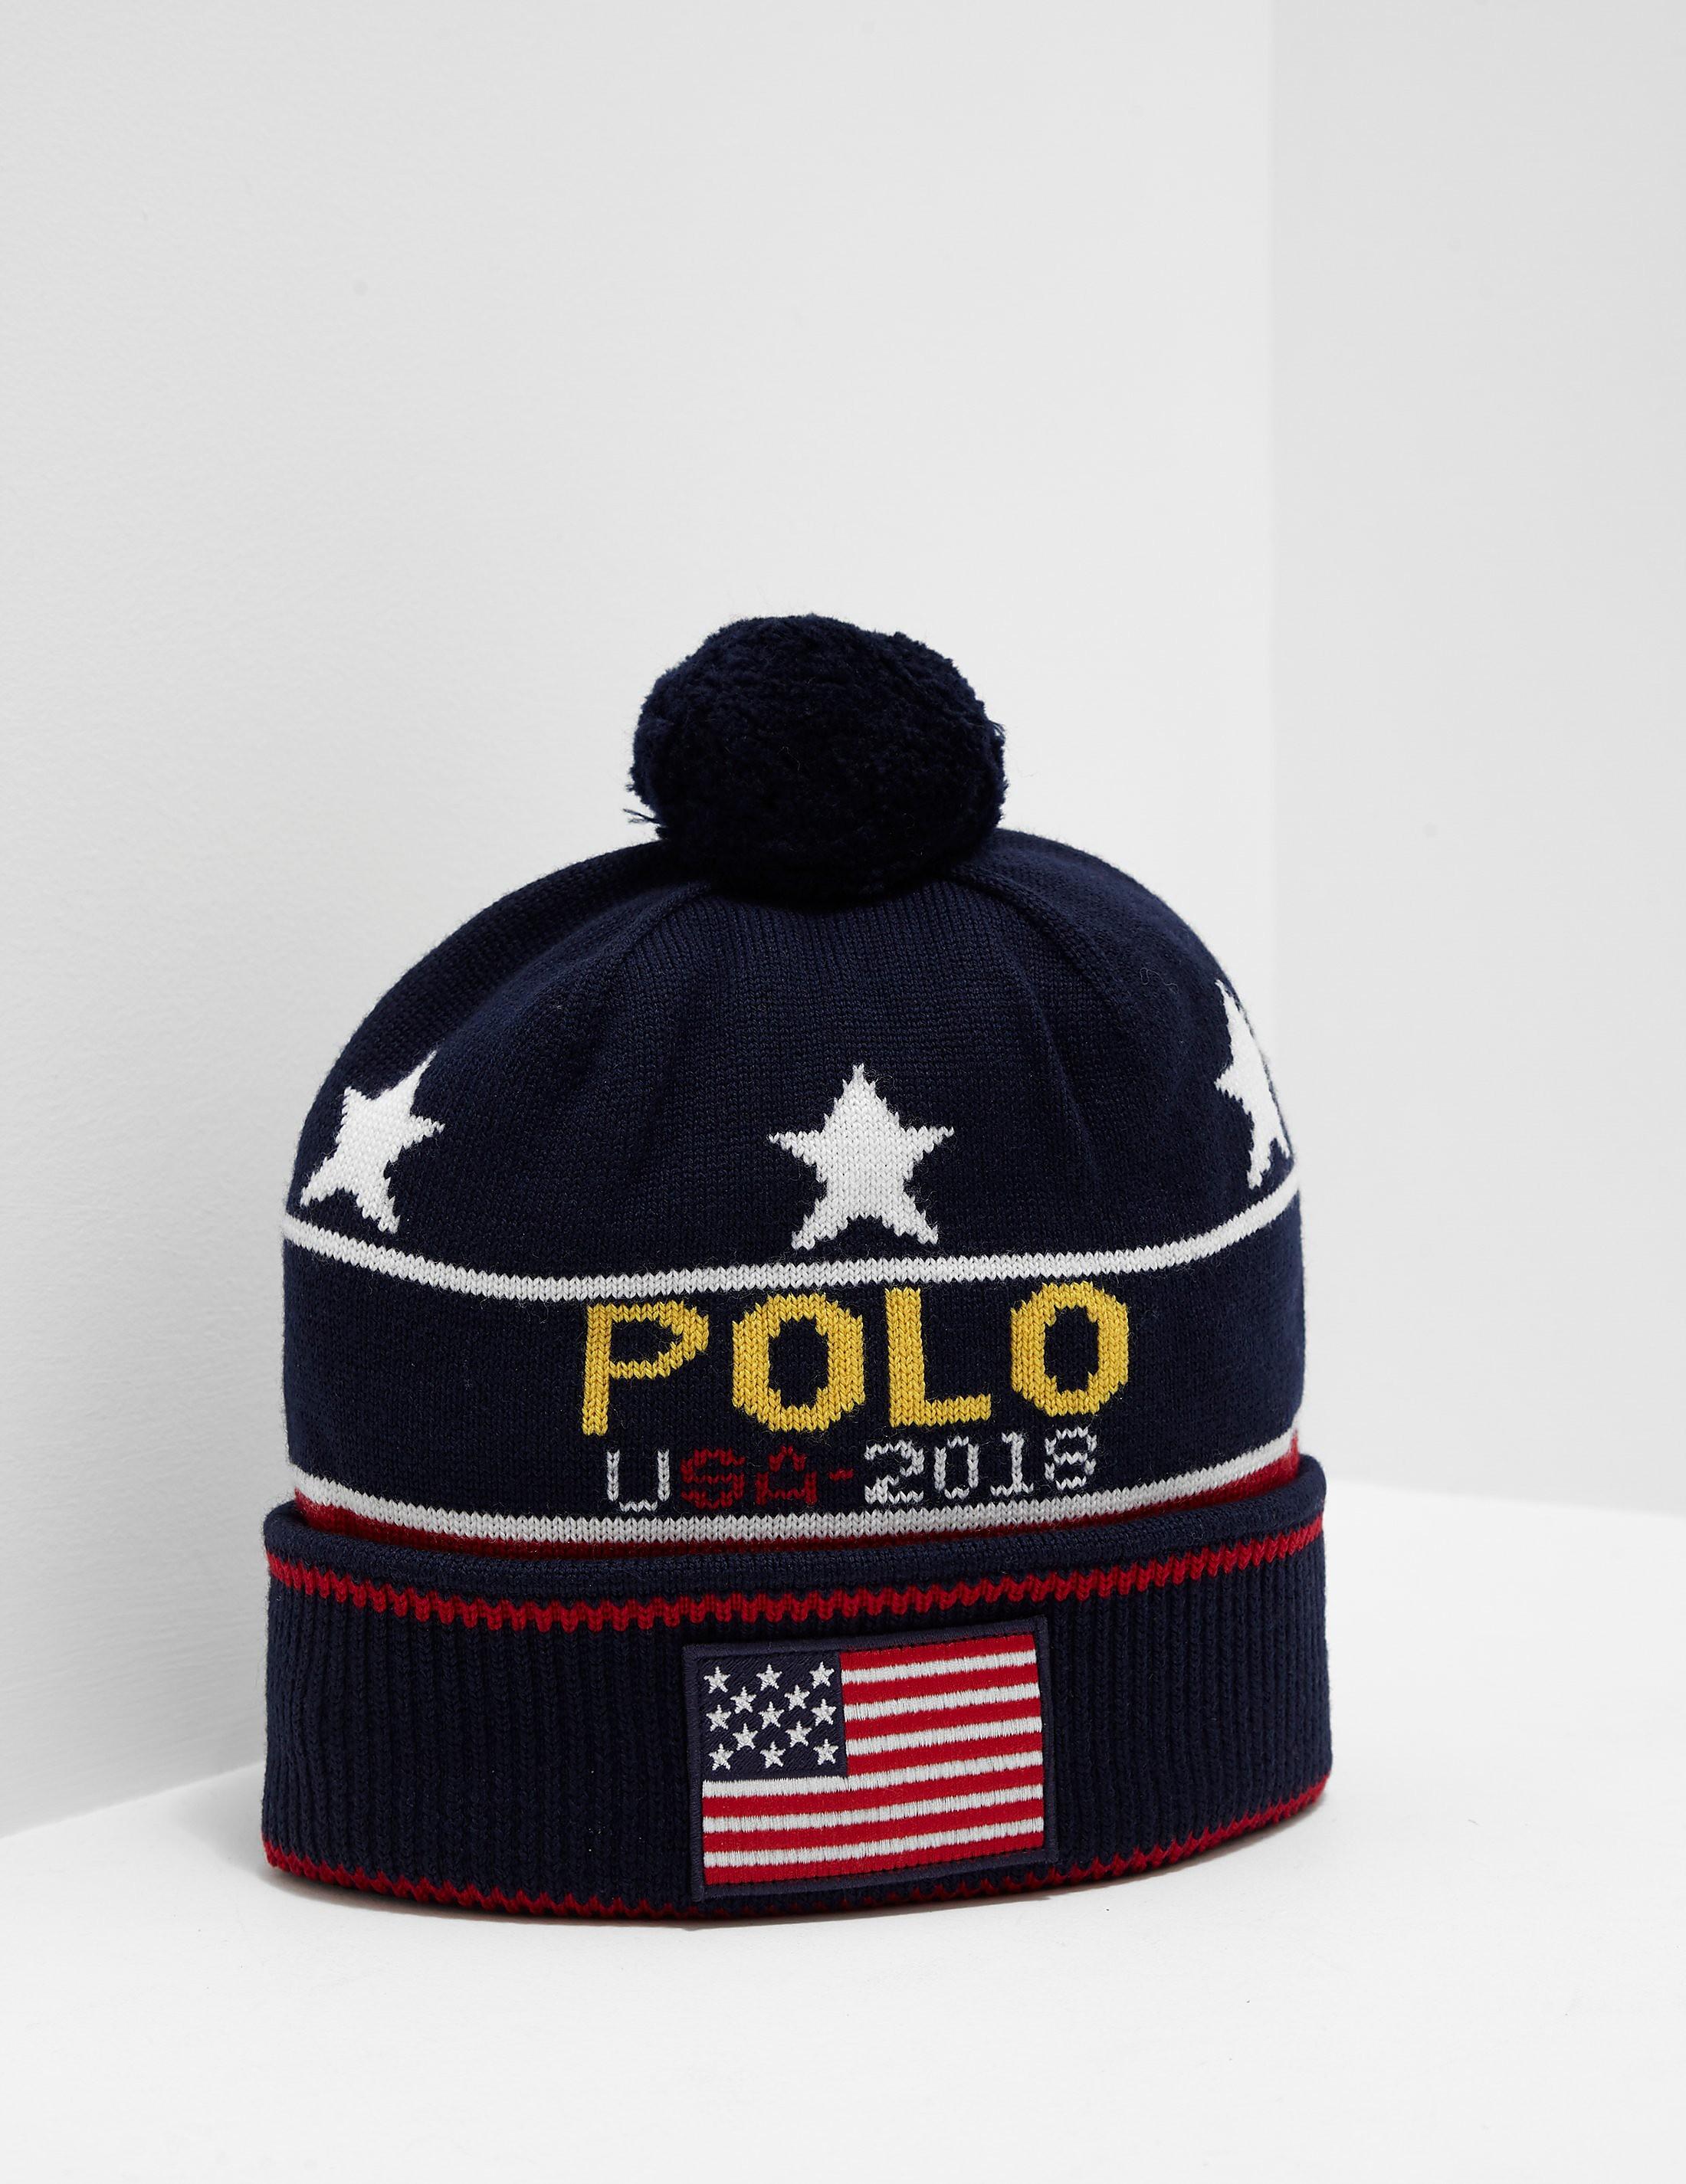 Polo Ralph Lauren Star and Stripe Beanie